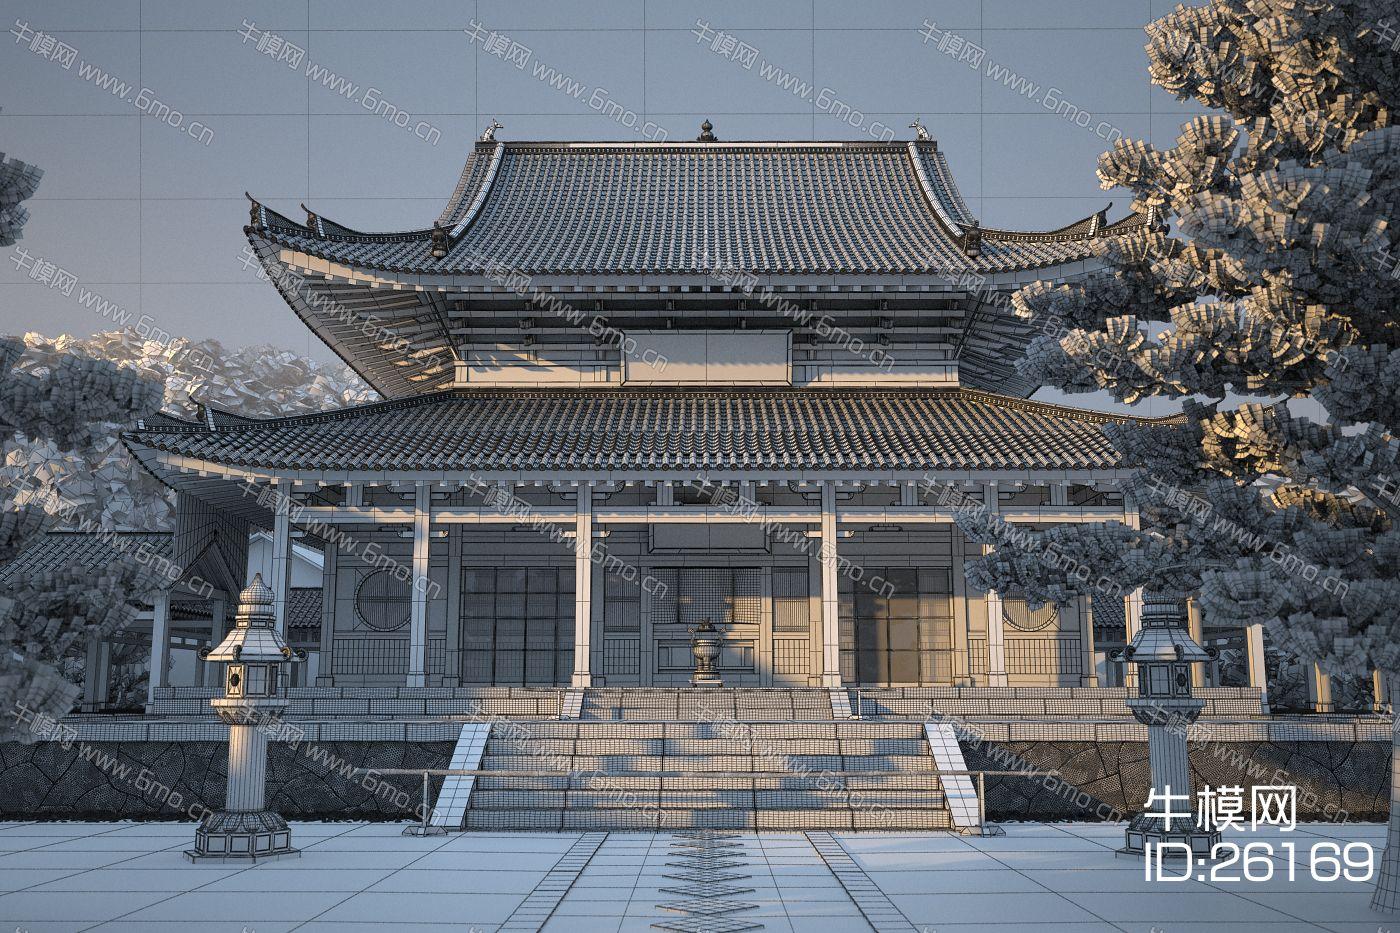 中式建筑外观